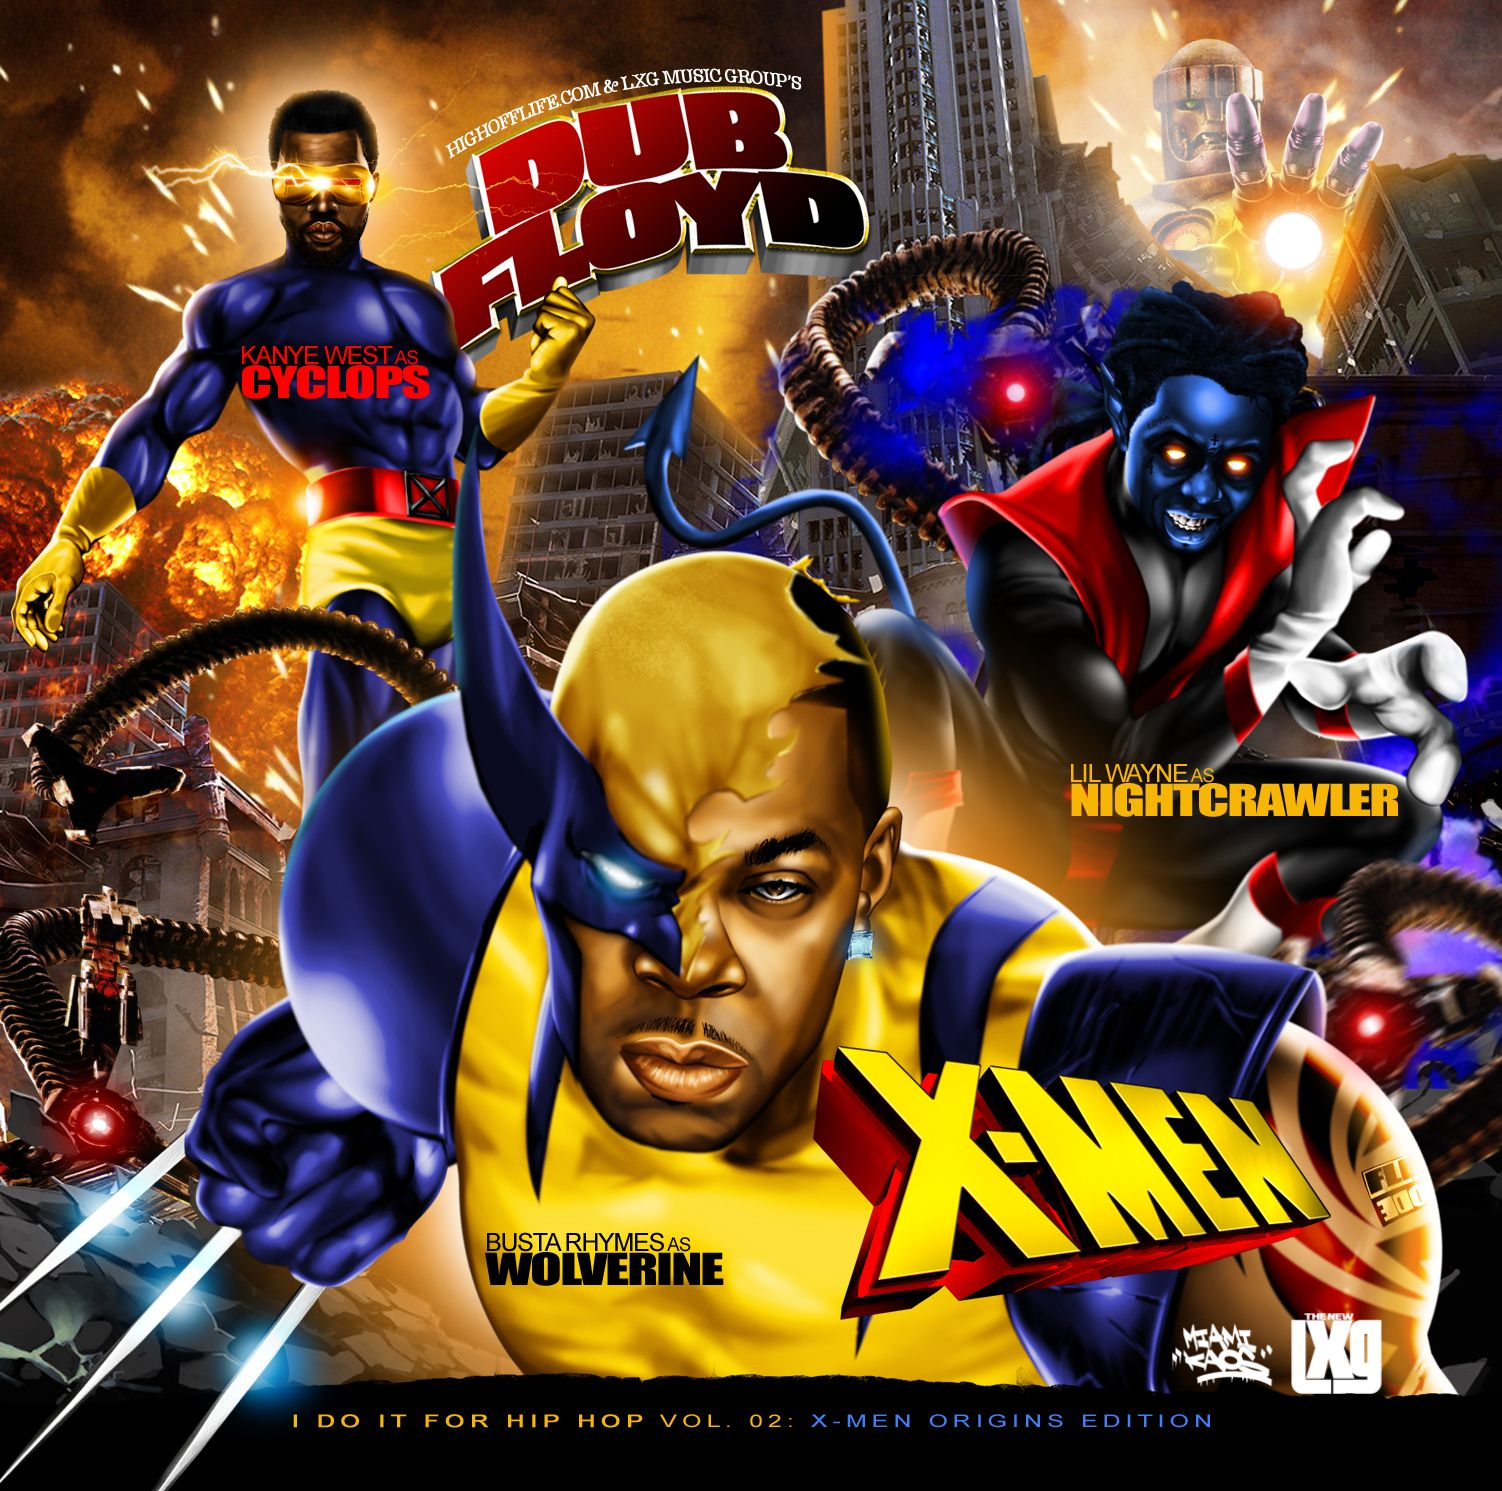 I Do It For Hip Hop 2 X Men Origins Edition Art By Miami Kaos